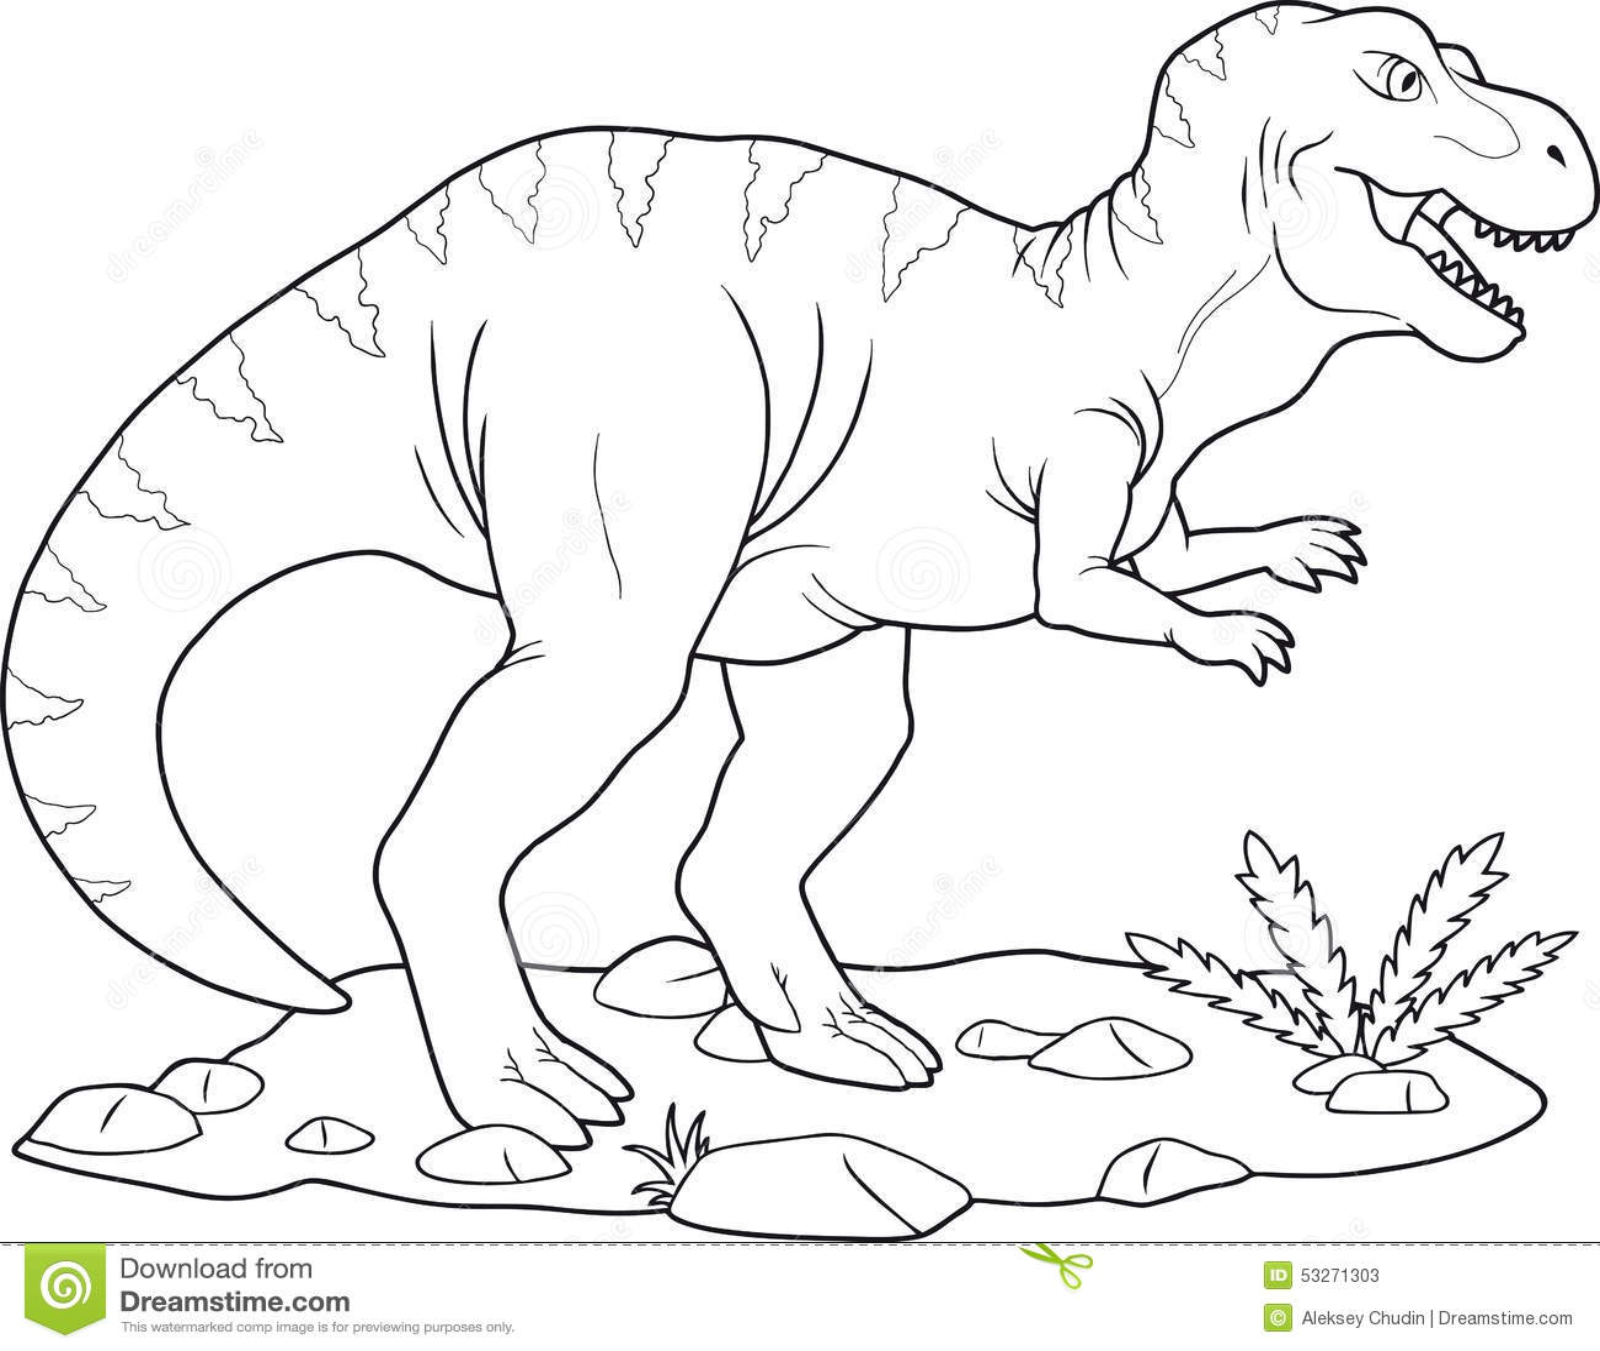 Hermosa Dinosaurio T Rex Para Colorear Composición - Dibujos Para ...